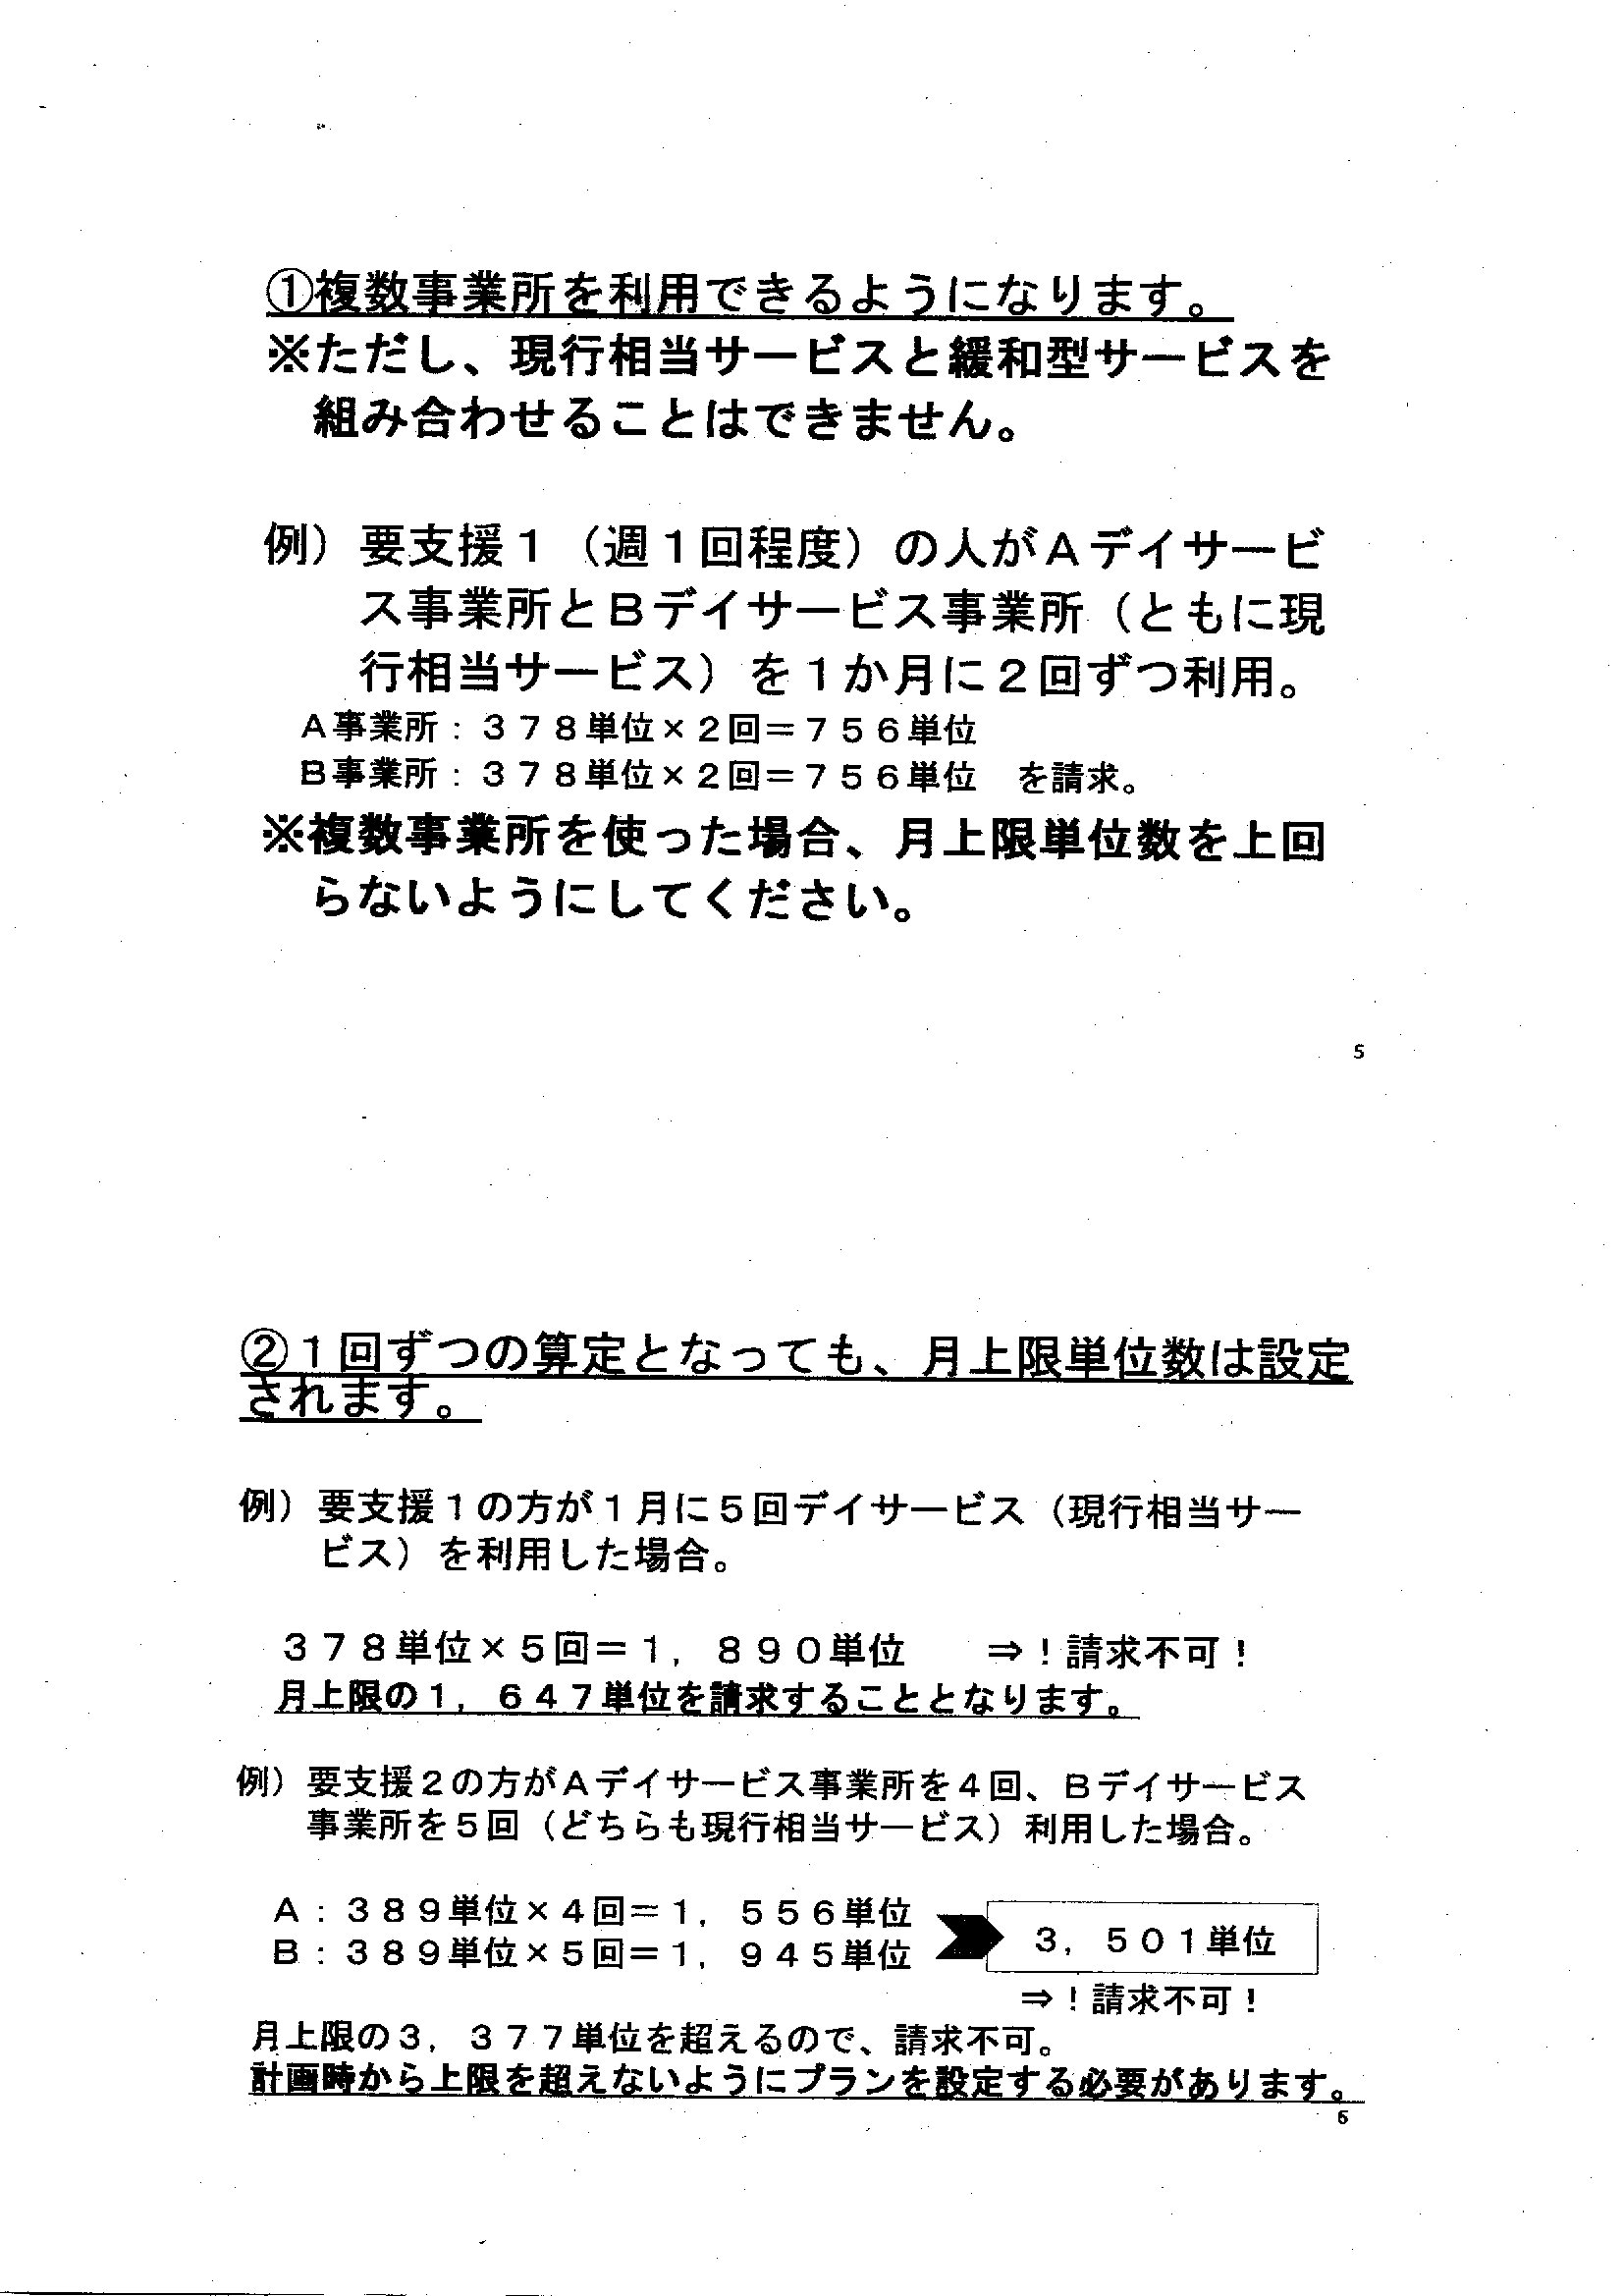 大阪狭山市総合事業の見直し3